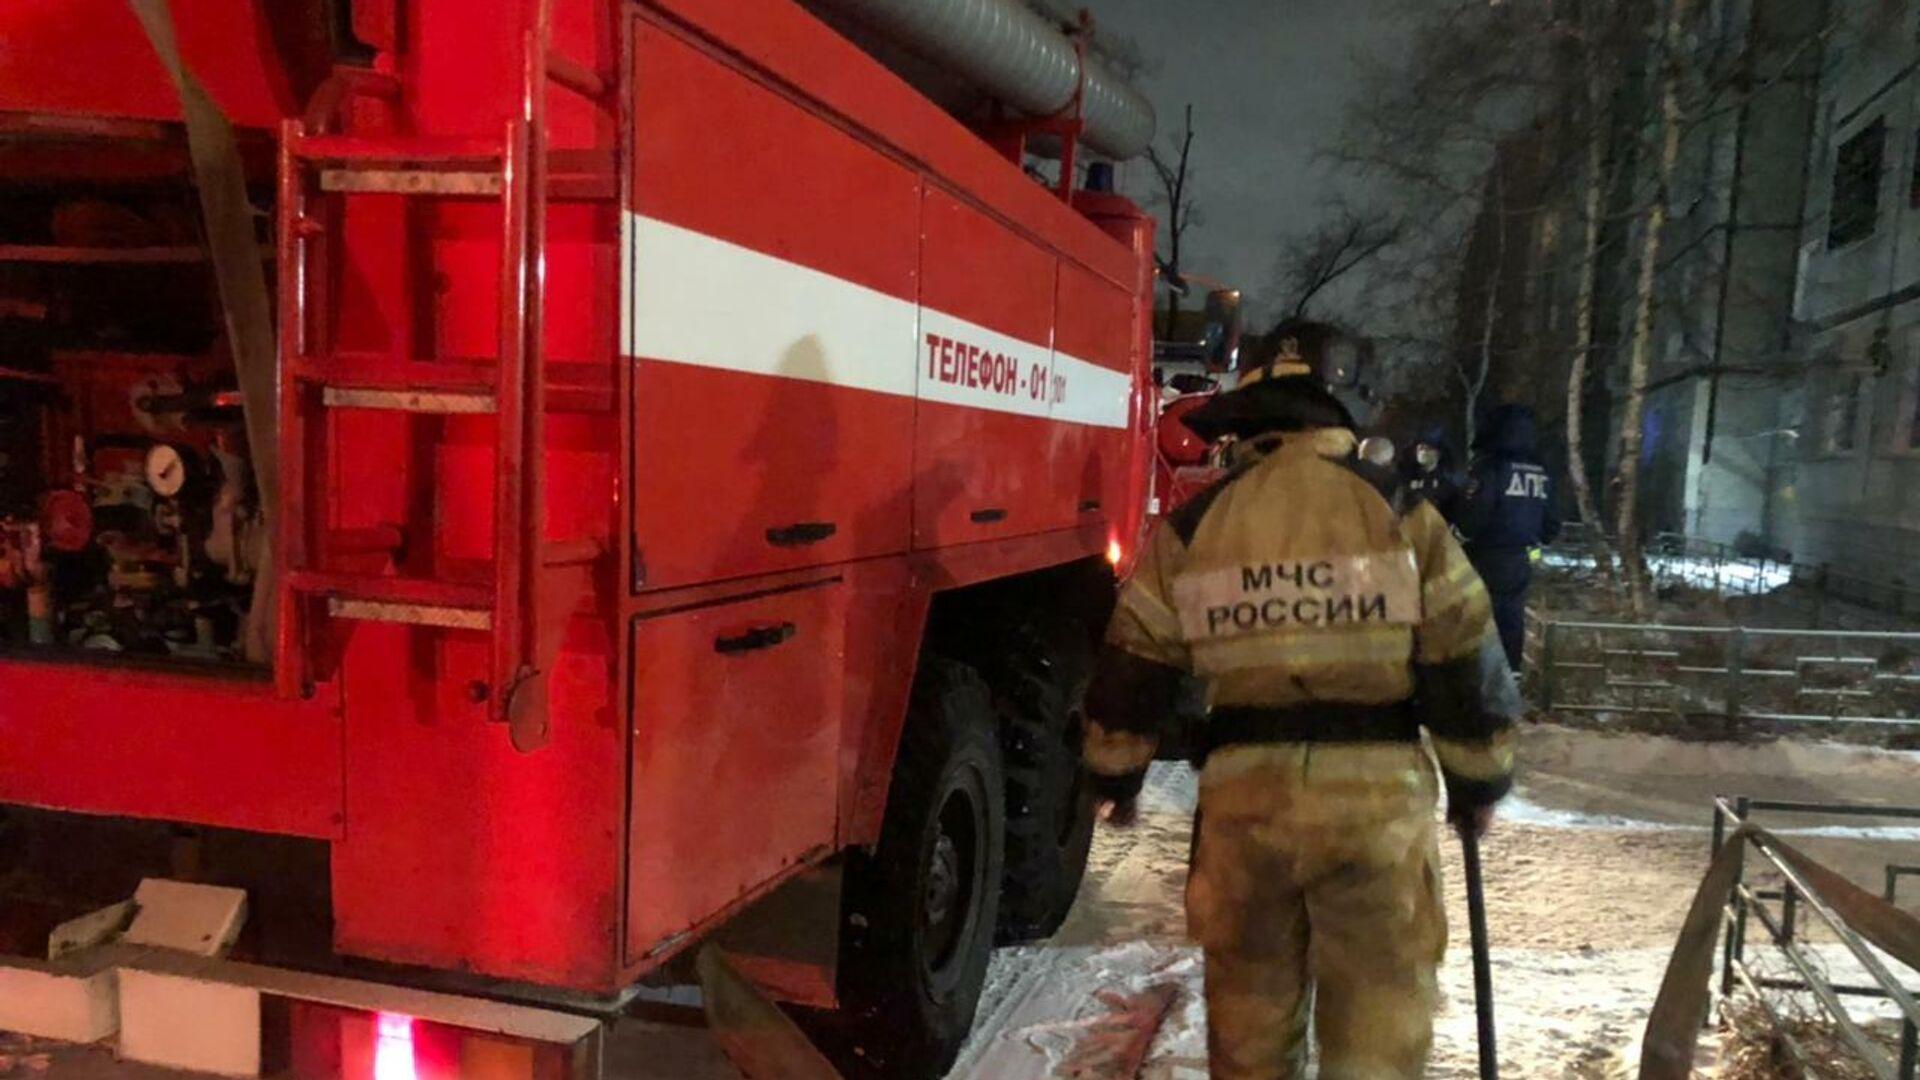 Названа возможная причина пожара в Хабаровске, где погибли пять человек